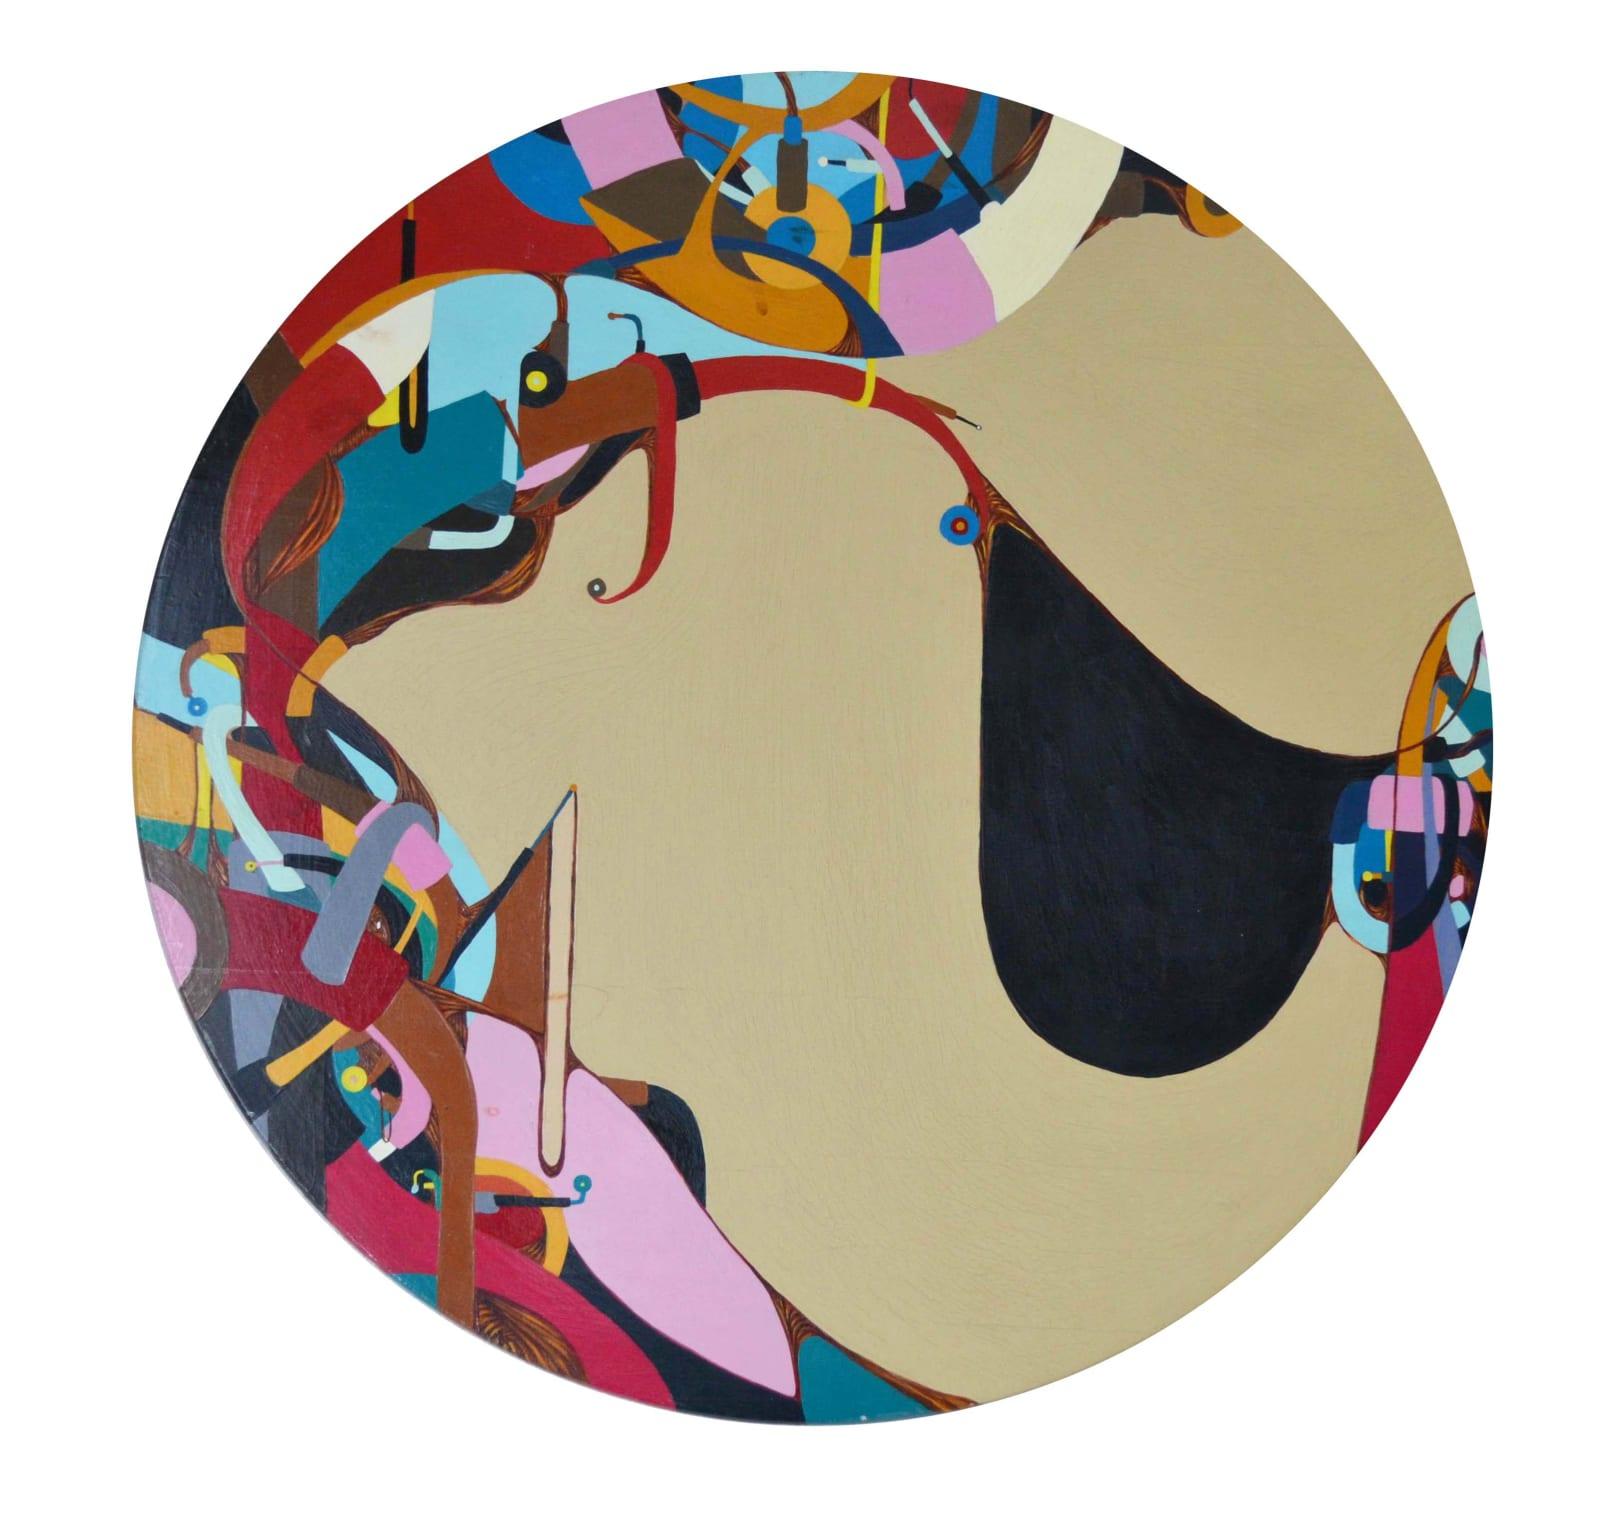 Fernando Andrade Circulo de Colores, 2007